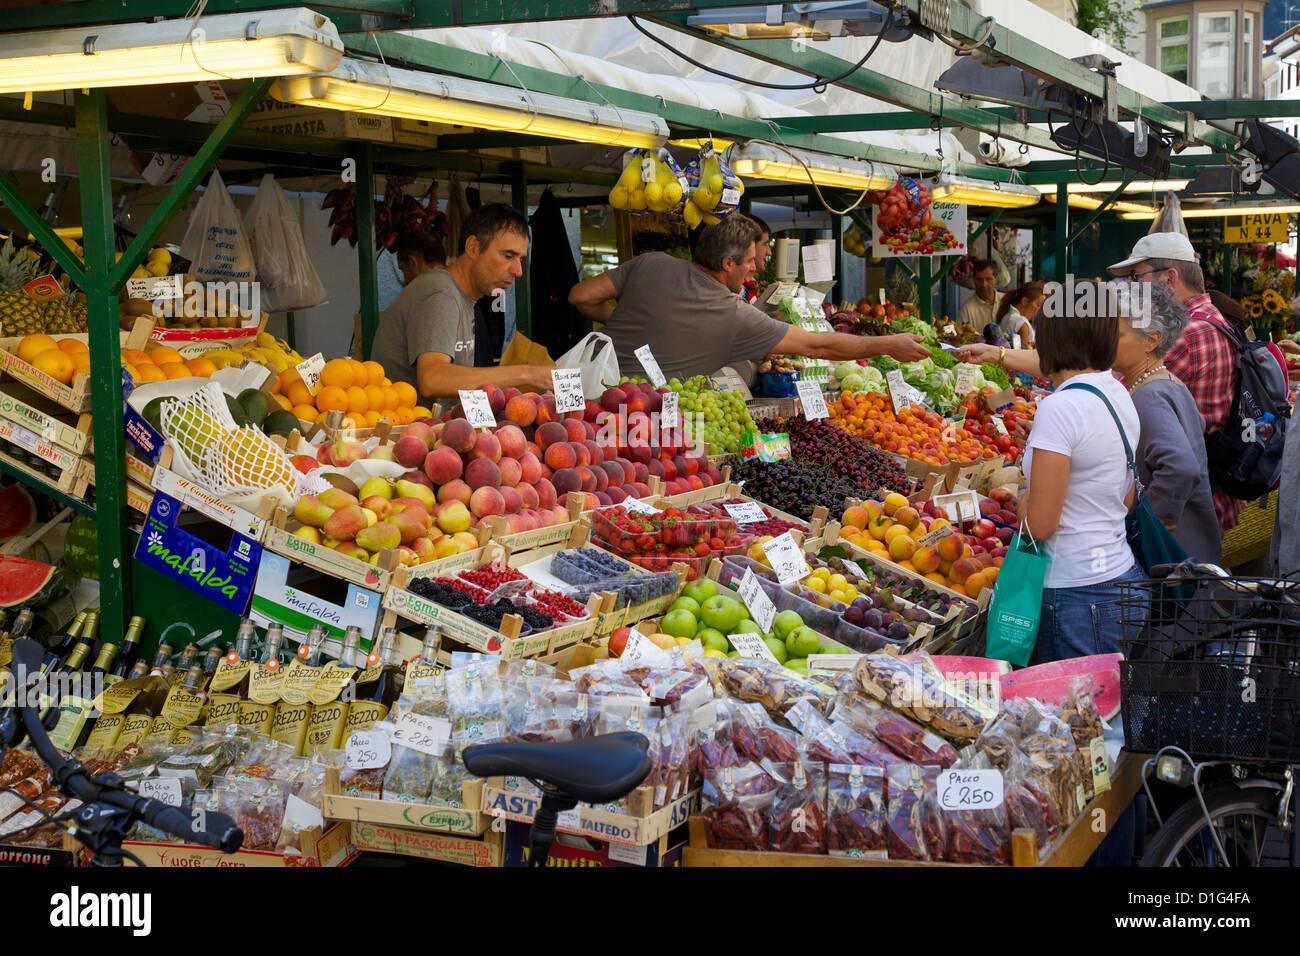 Market stall, Piazza Erbe Market, Bolzano, Bolzano Province, Trentino-Alto Adige, Italy, Europe - Stock Image